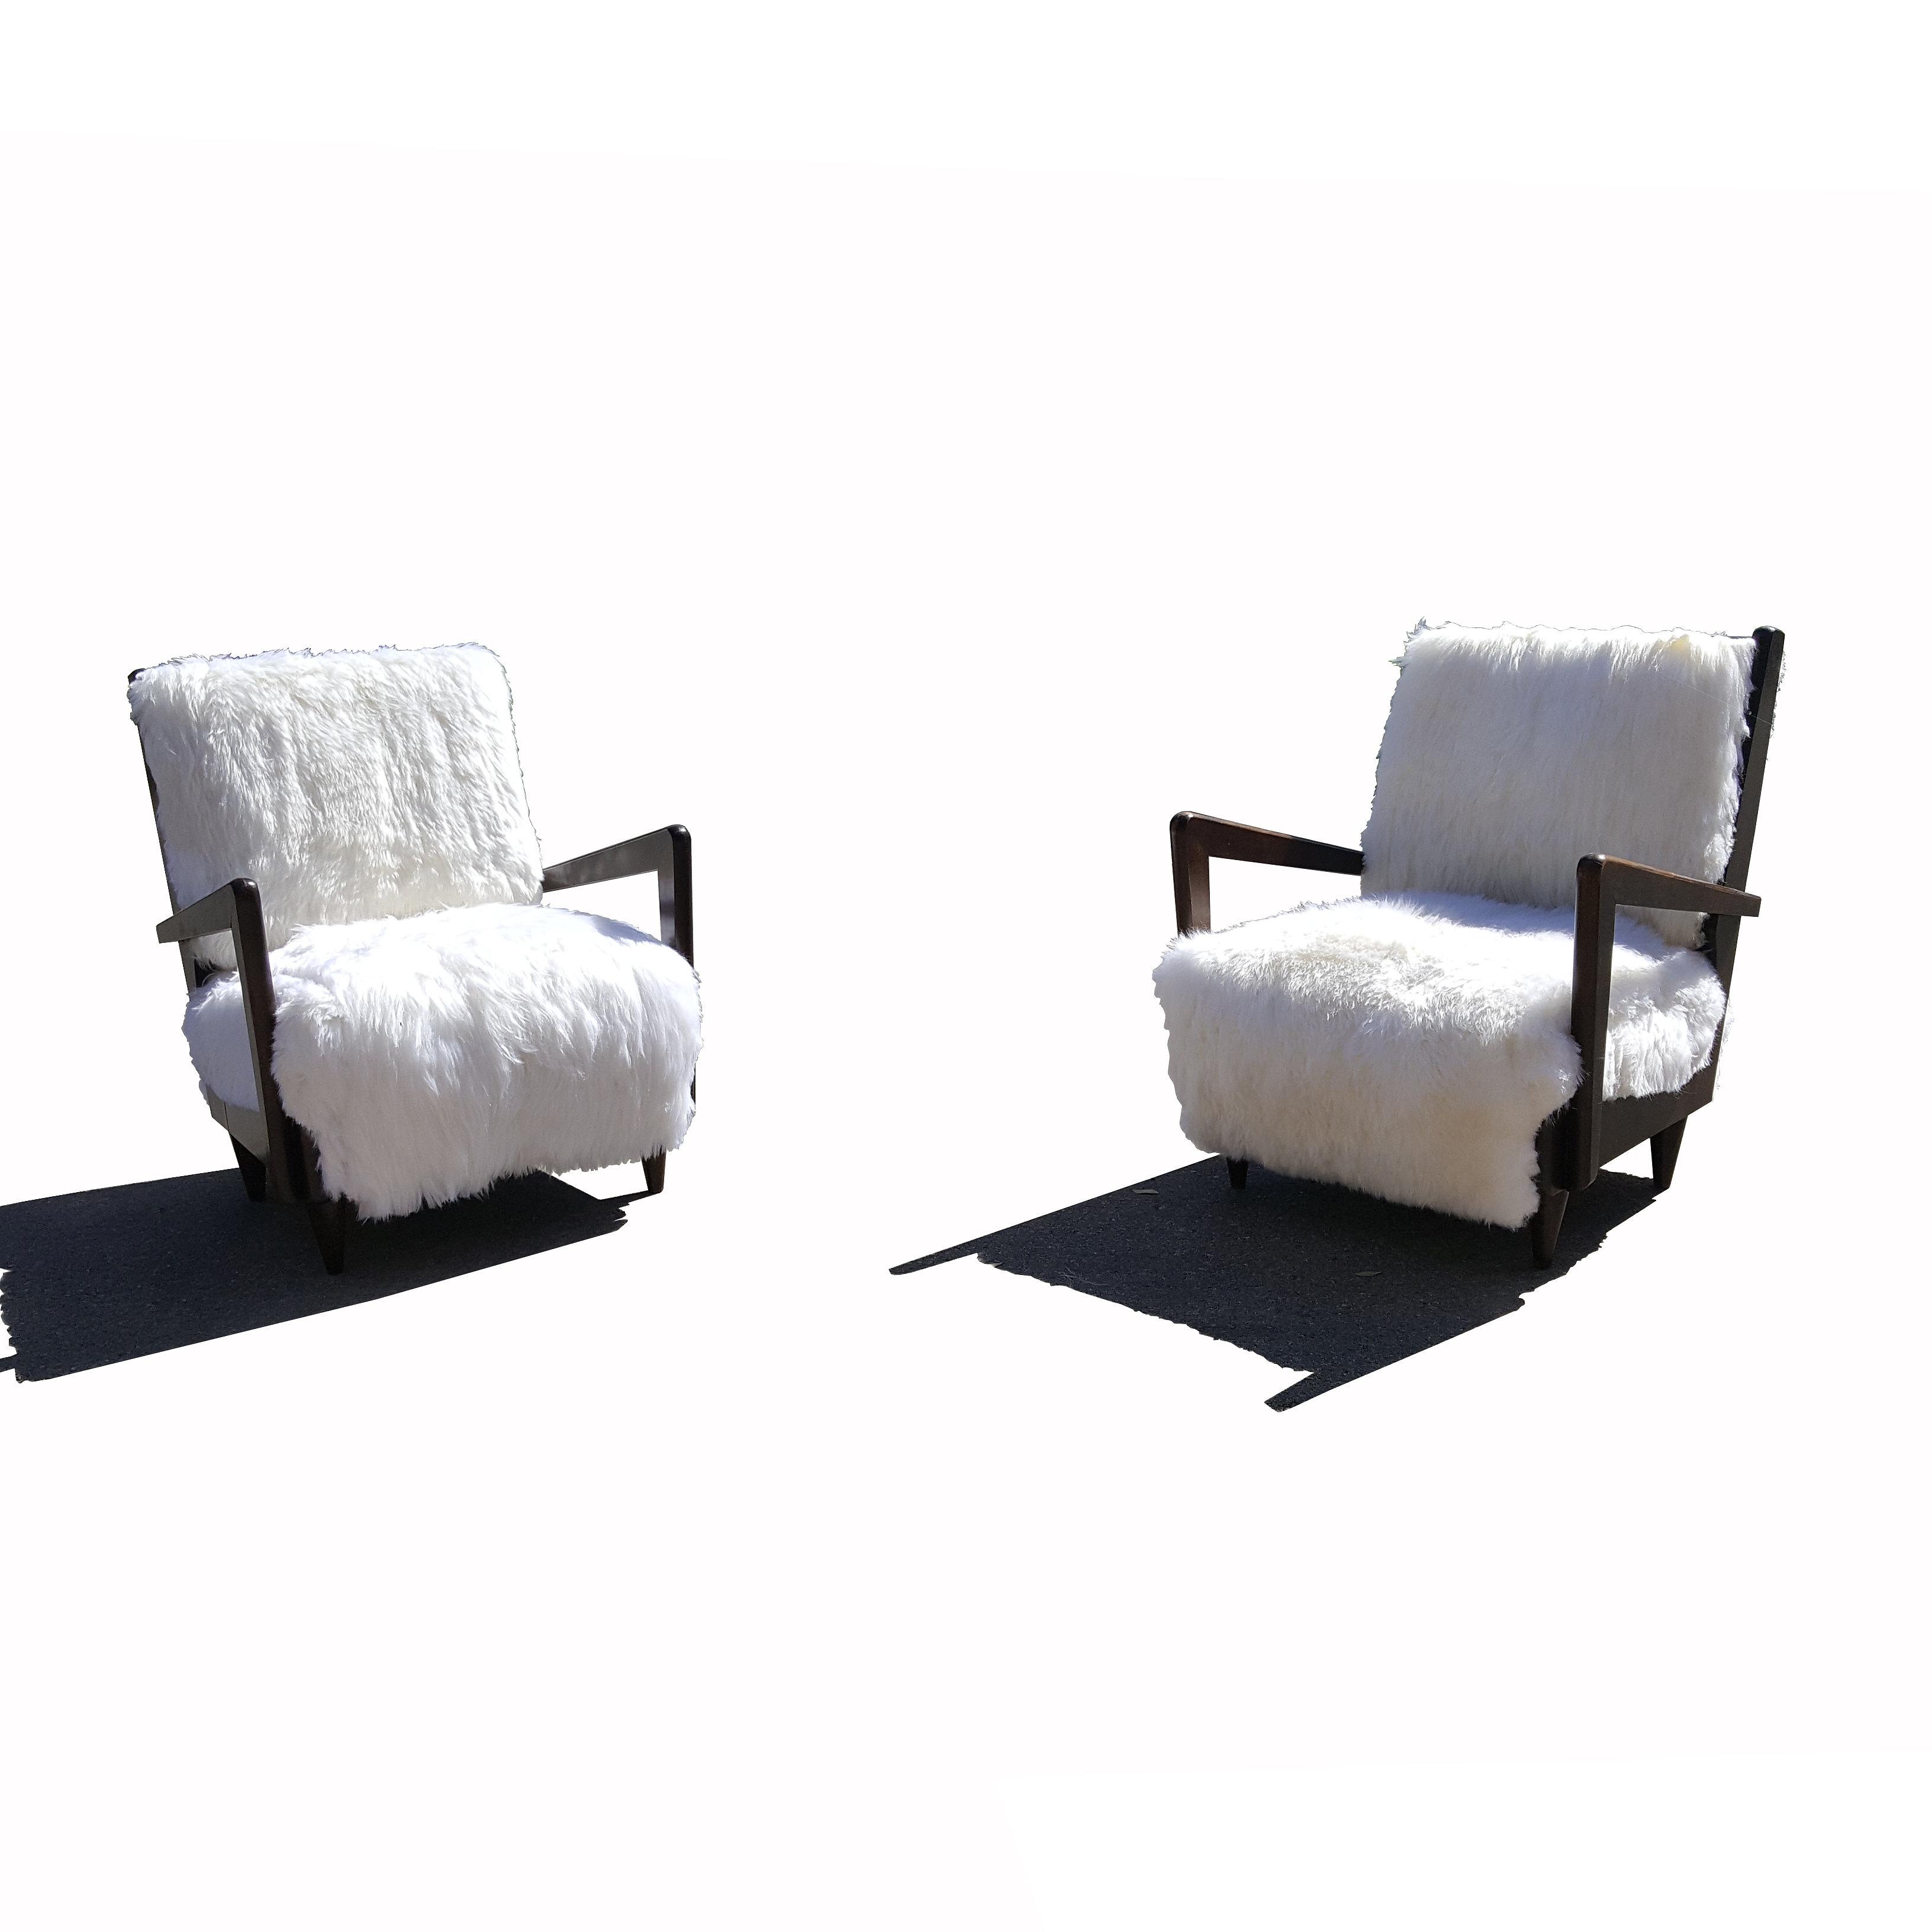 mid century modern furniture austin. a pair of italian midcentury modern sheepskin armchairs mid century furniture austin s